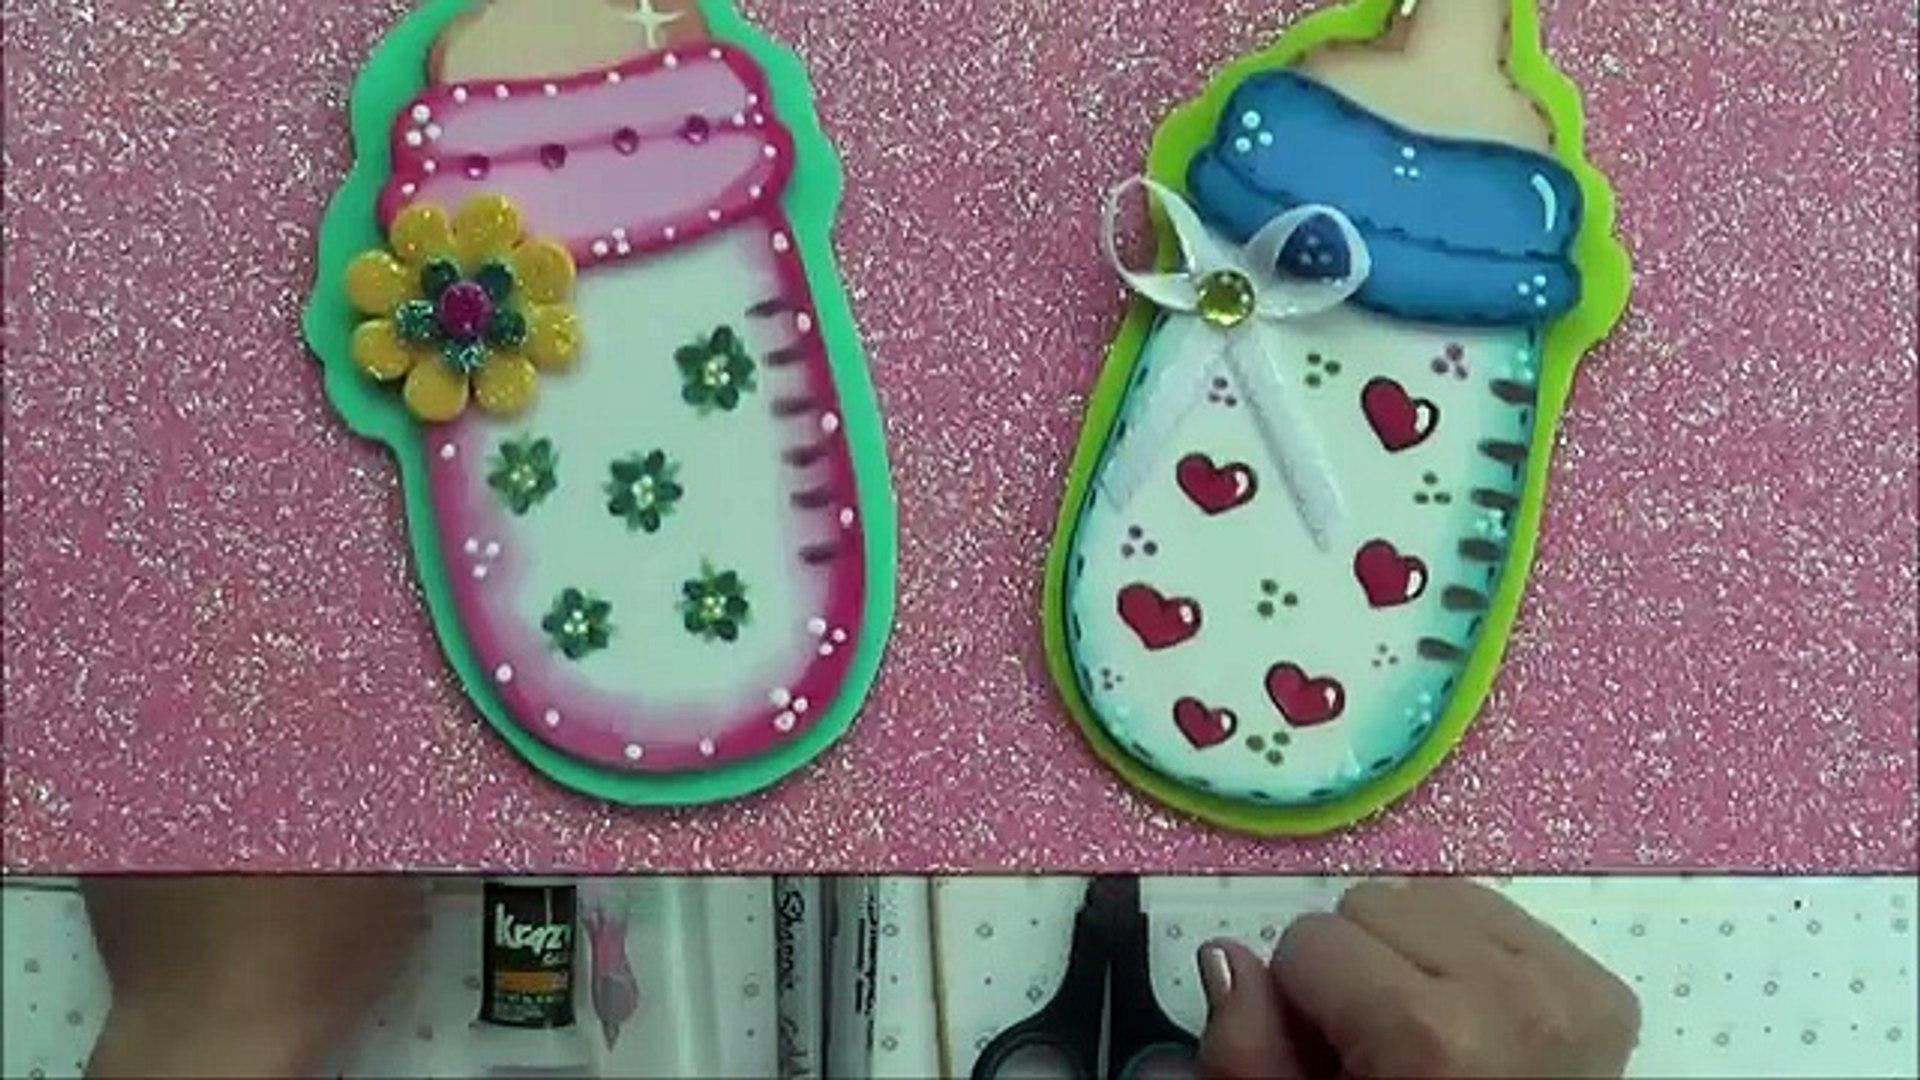 Biberon O Mamila Para Baby Shower De Foamy O Goma Eva видео Dailymotion